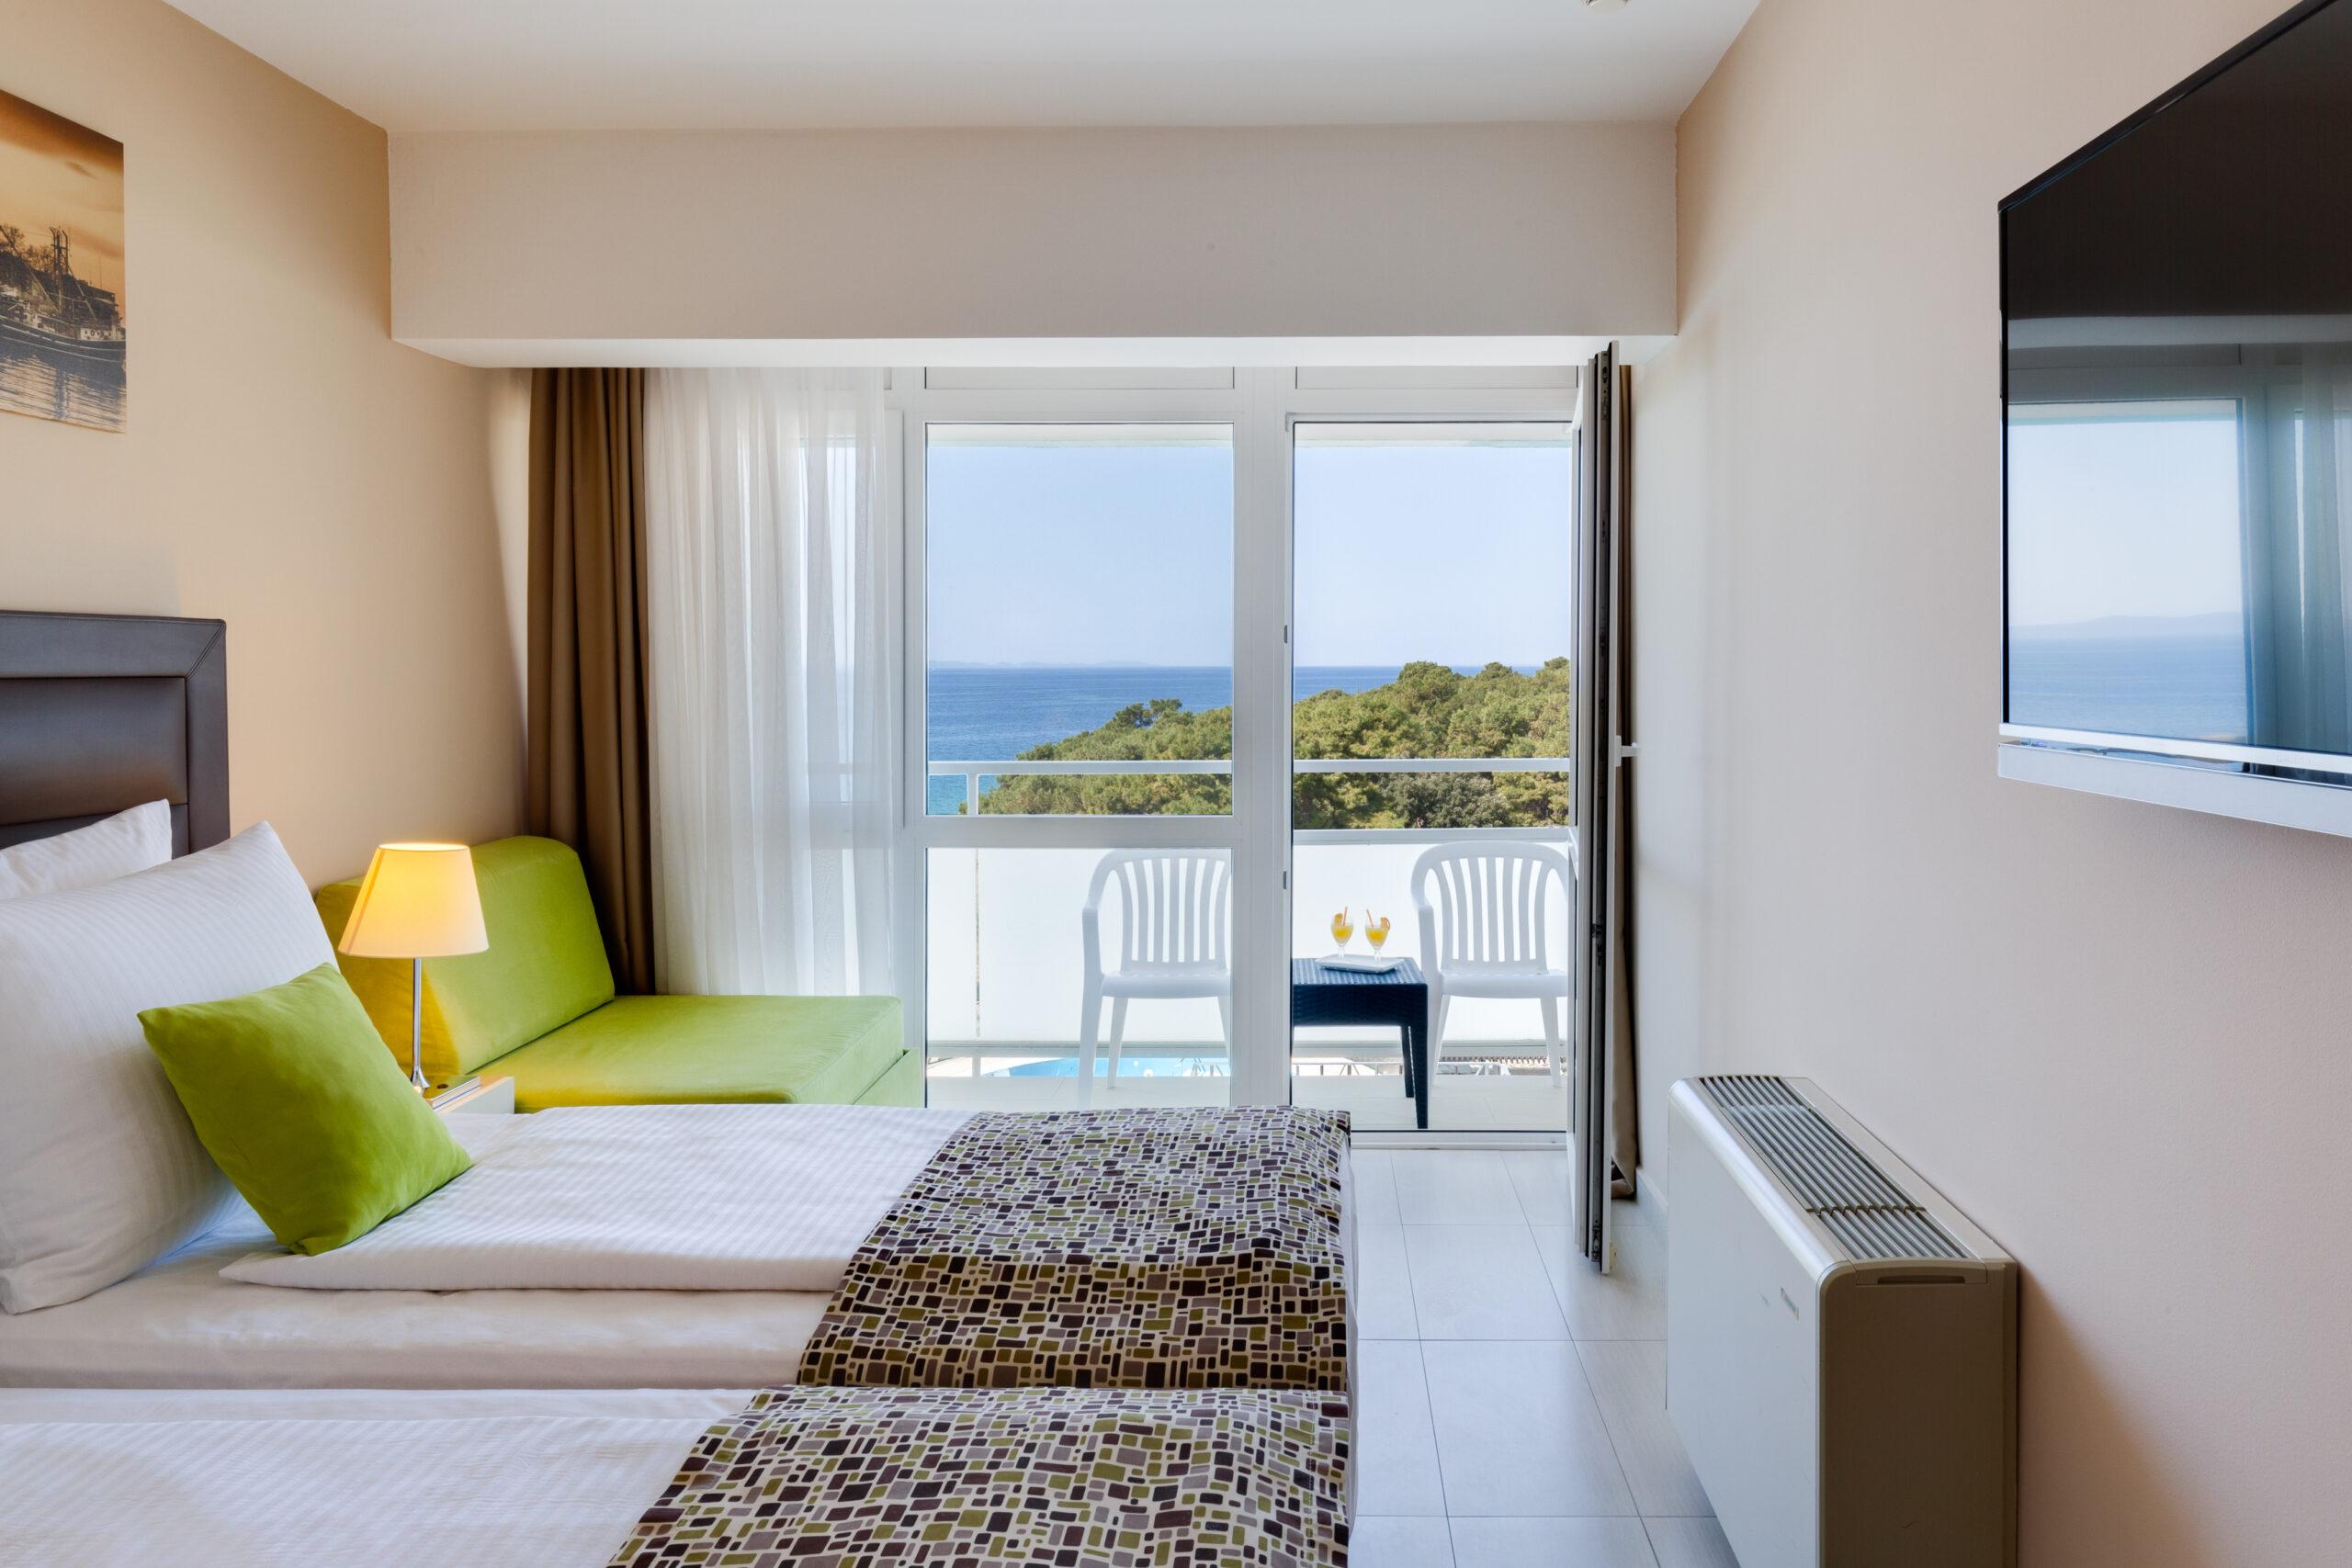 03 Premium-balcony-seaview